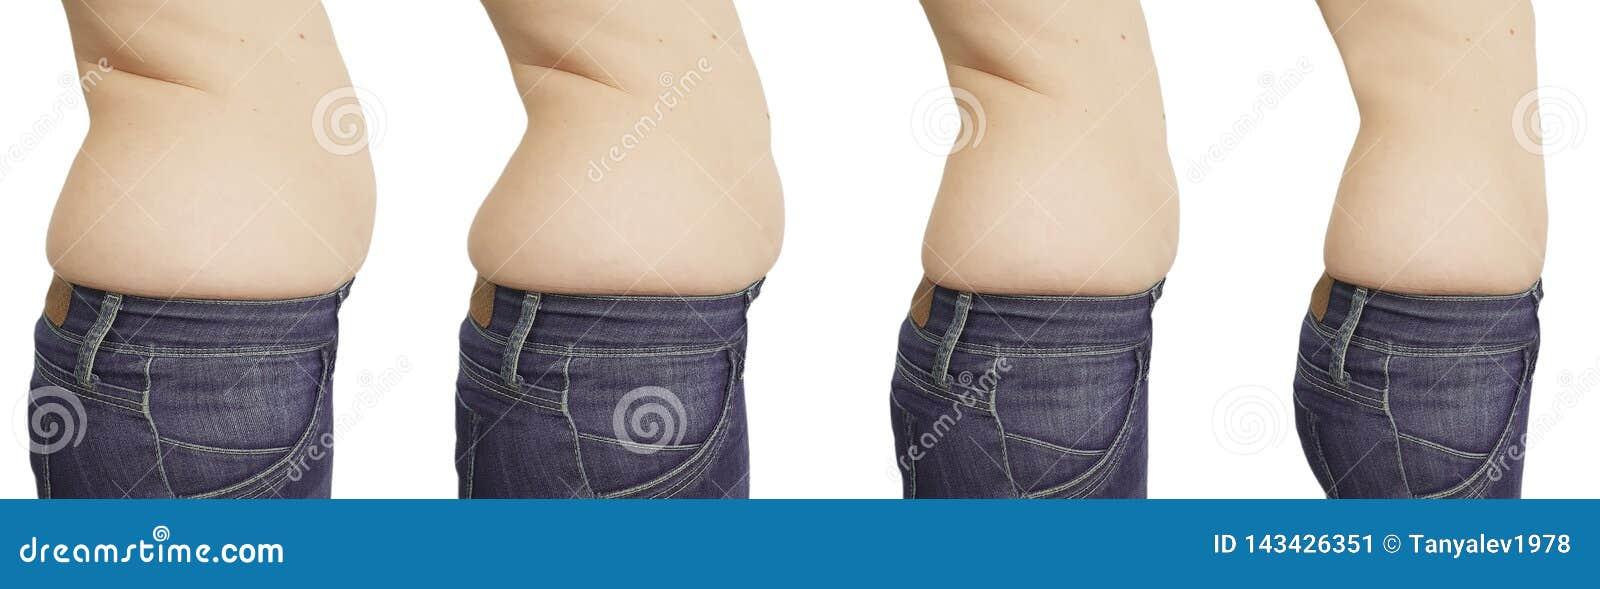 Perte de poids localisée - Perdre des cuisses, du ventre, des fesses - Doctissimo